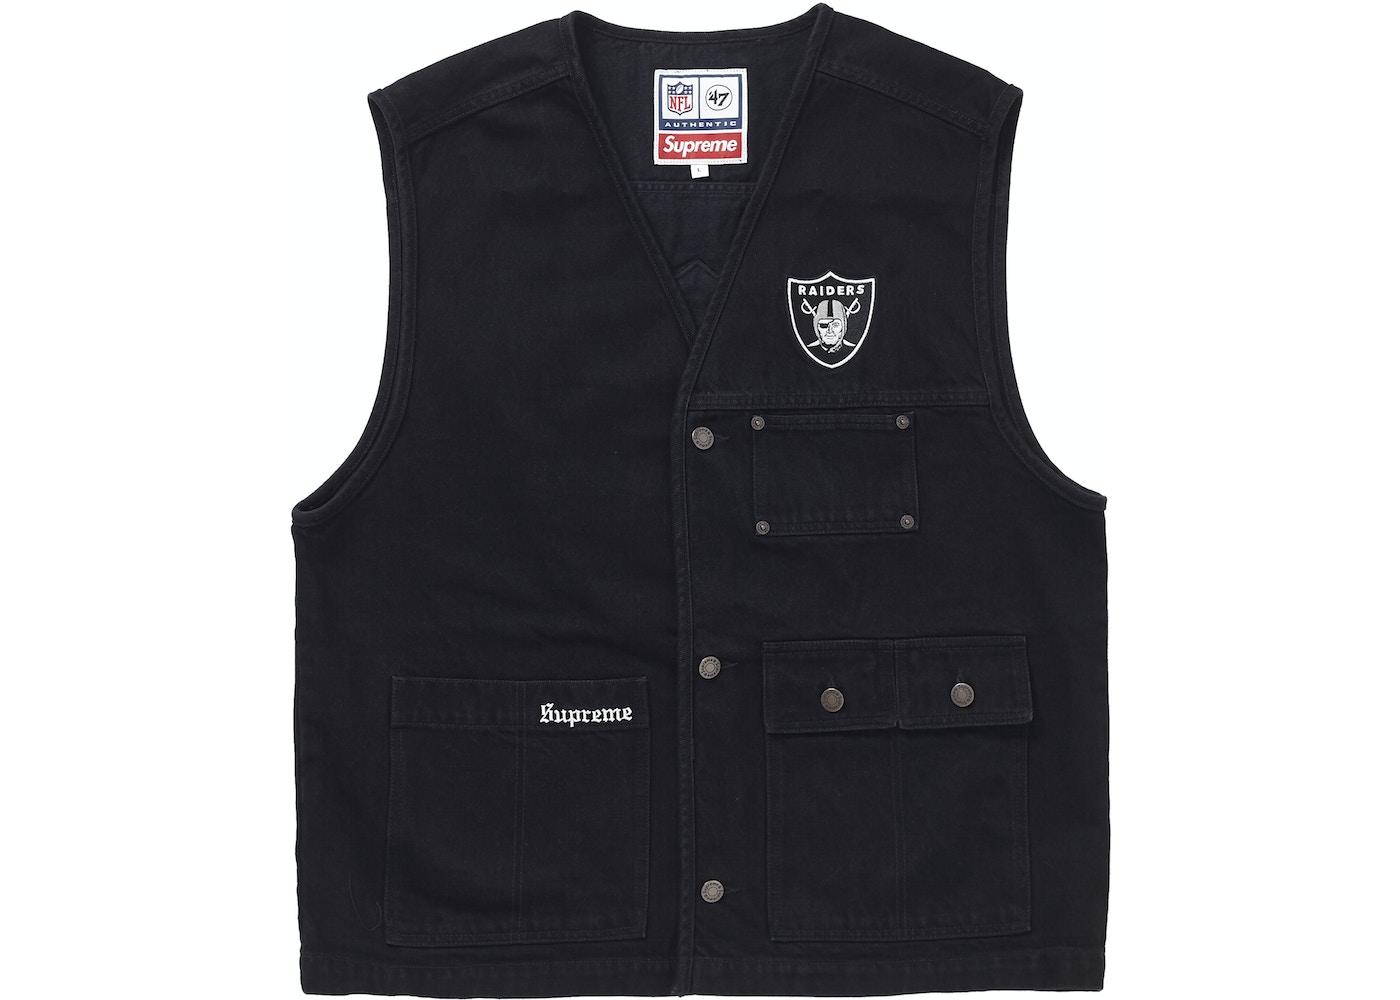 71730b2d6 Supreme NFL x Raiders x '47 Denim Vest Black